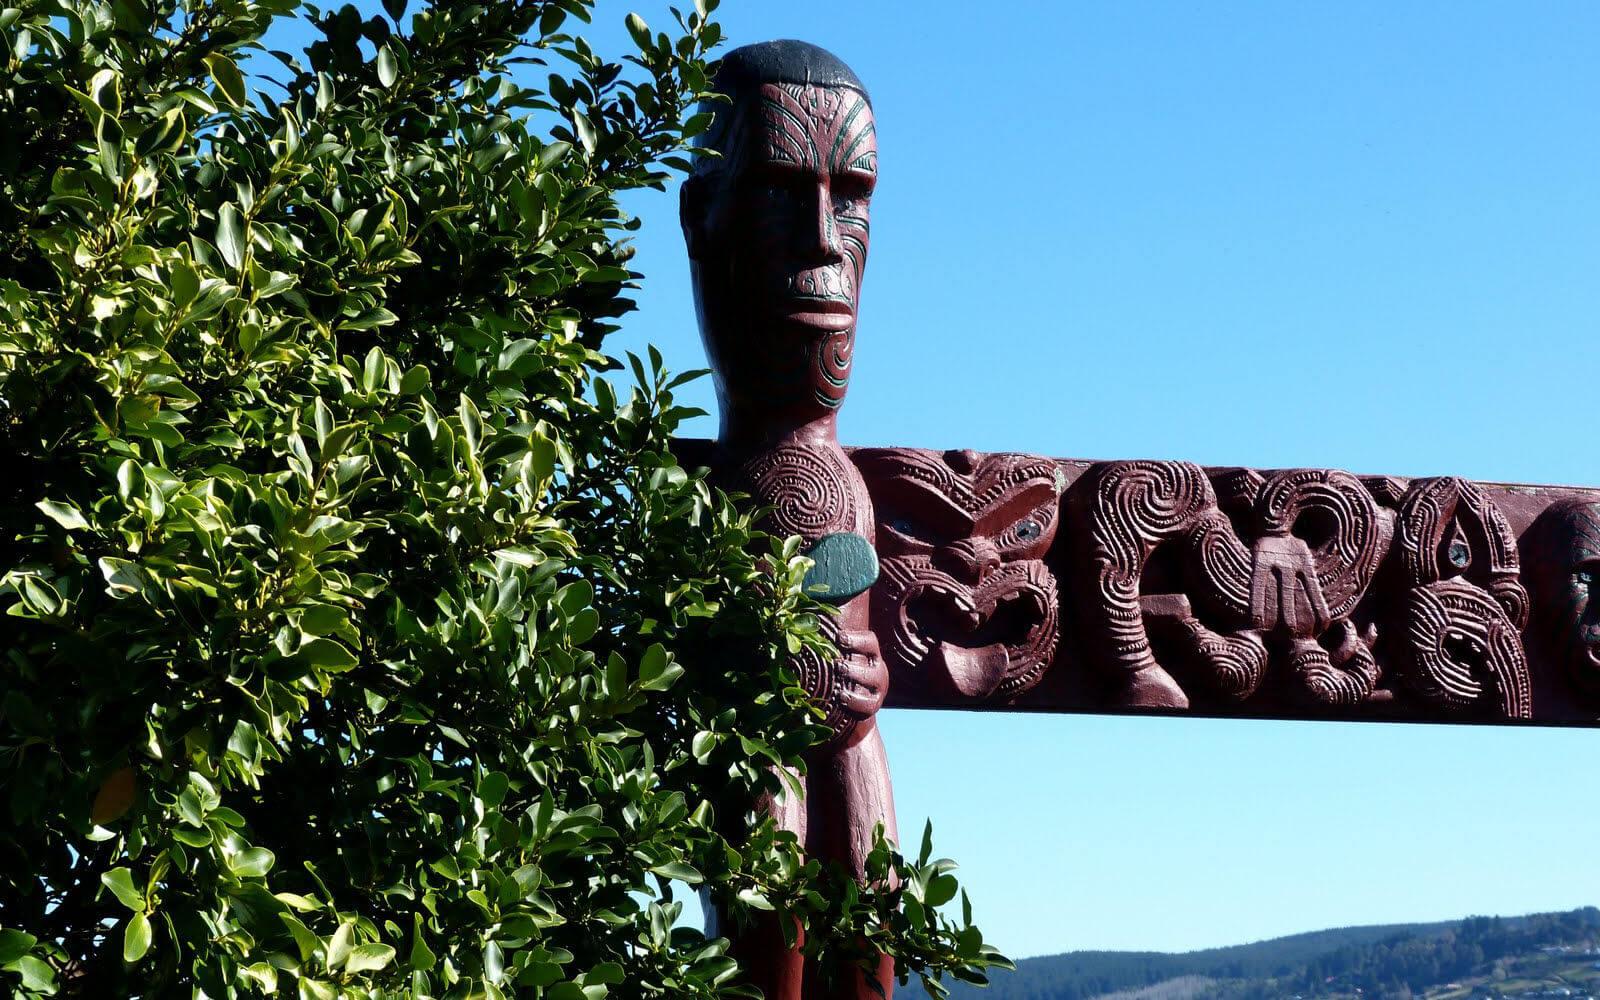 Maori-Statur in Neuseeland